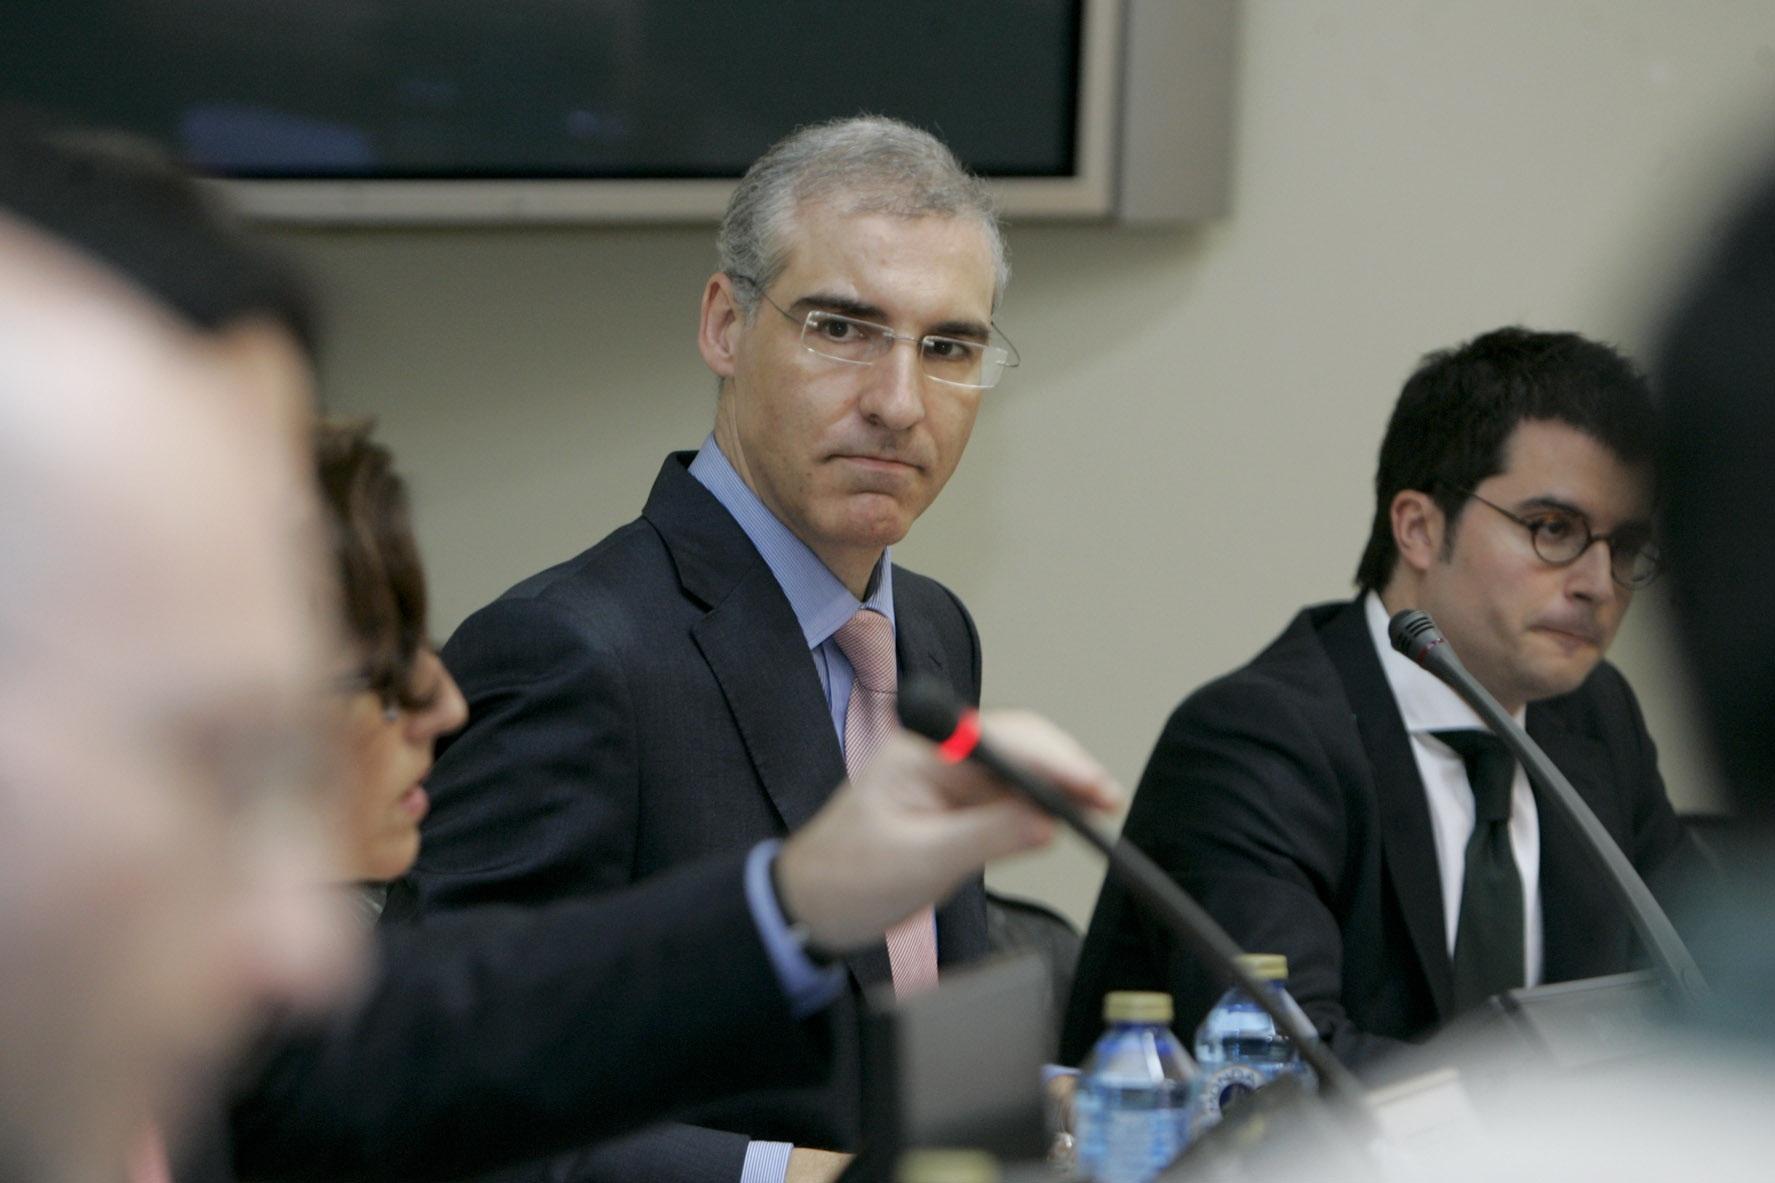 Industria pide a Almunia que «por responsabilidad» varíe su postura porque devolver el tax lease es «desproporcionado»